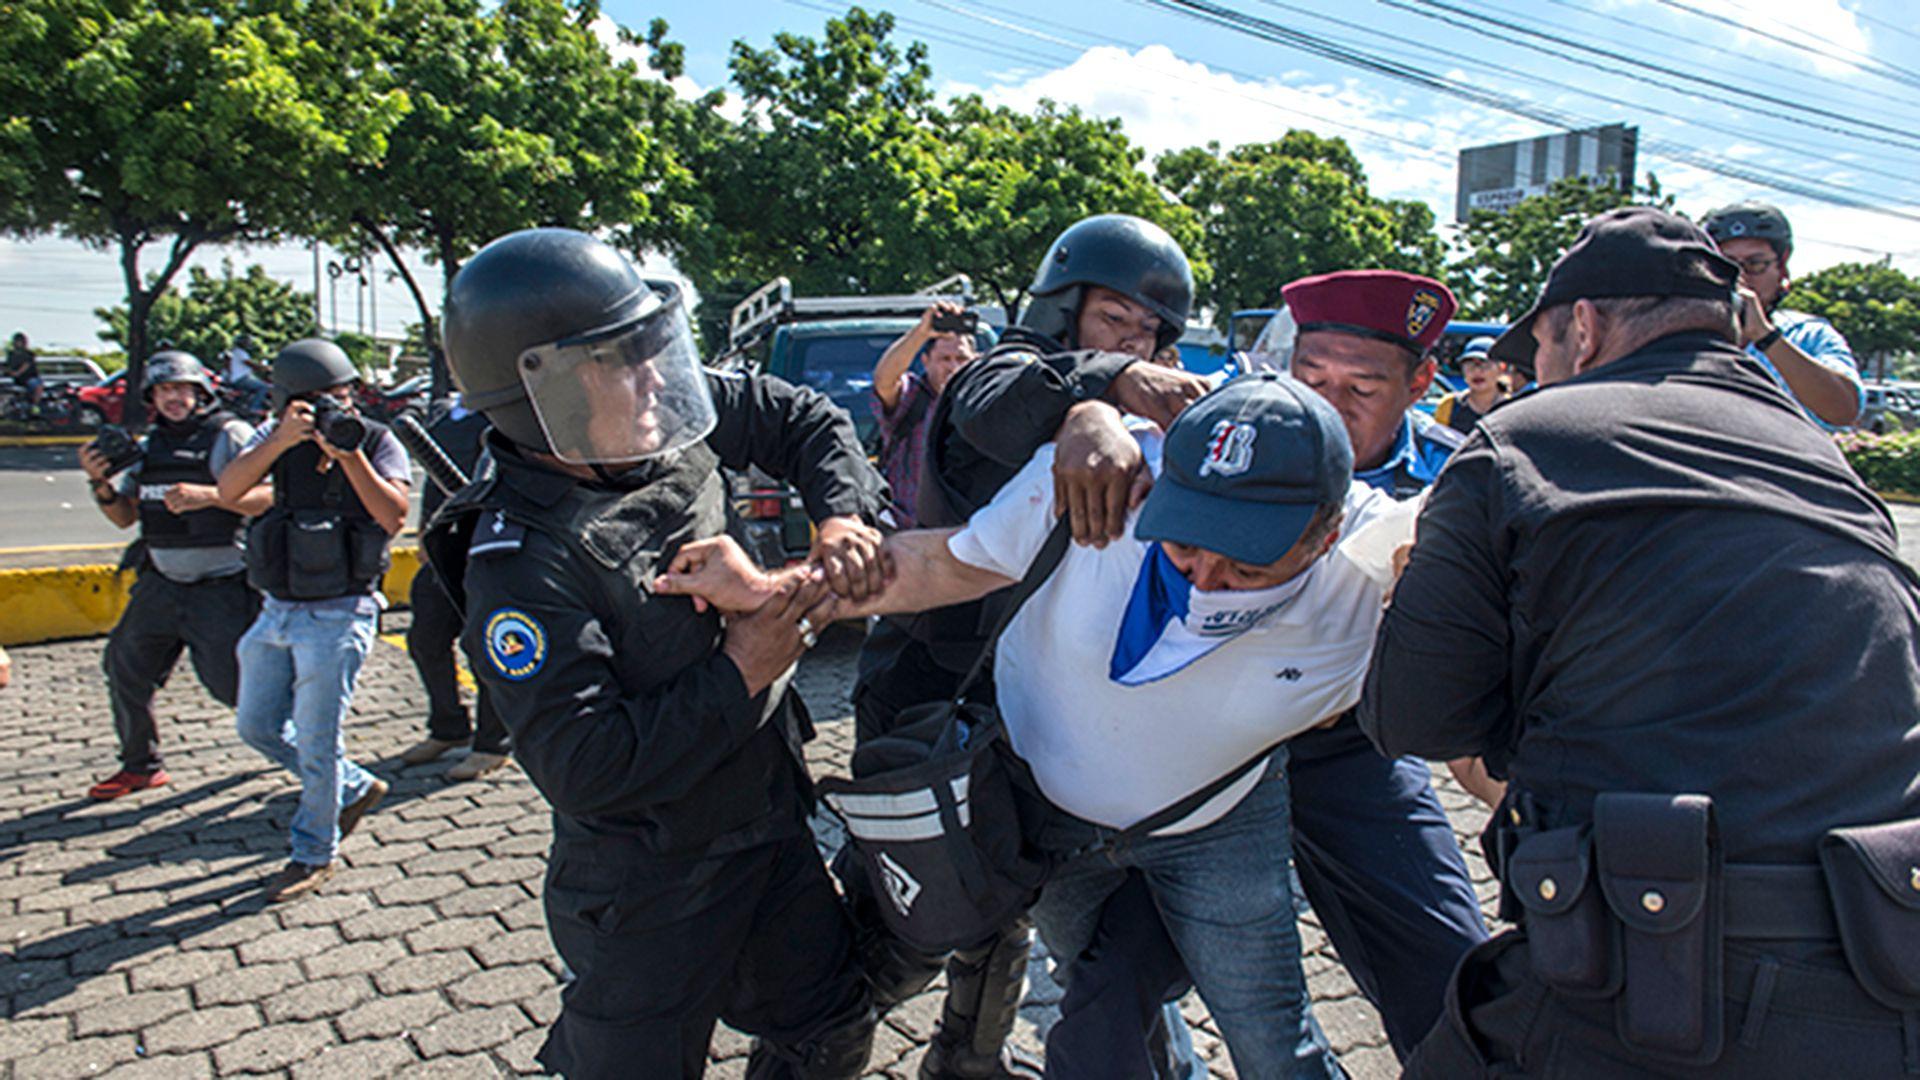 La Policía de Nicaragua se convirtió en la primera institución estatal sancionada por Estados Unidos, quien la considera responsable de impulsar escuadrones de la muerte y participar en ejecuciones extrajudiciales. (Cortesía La Prensa)